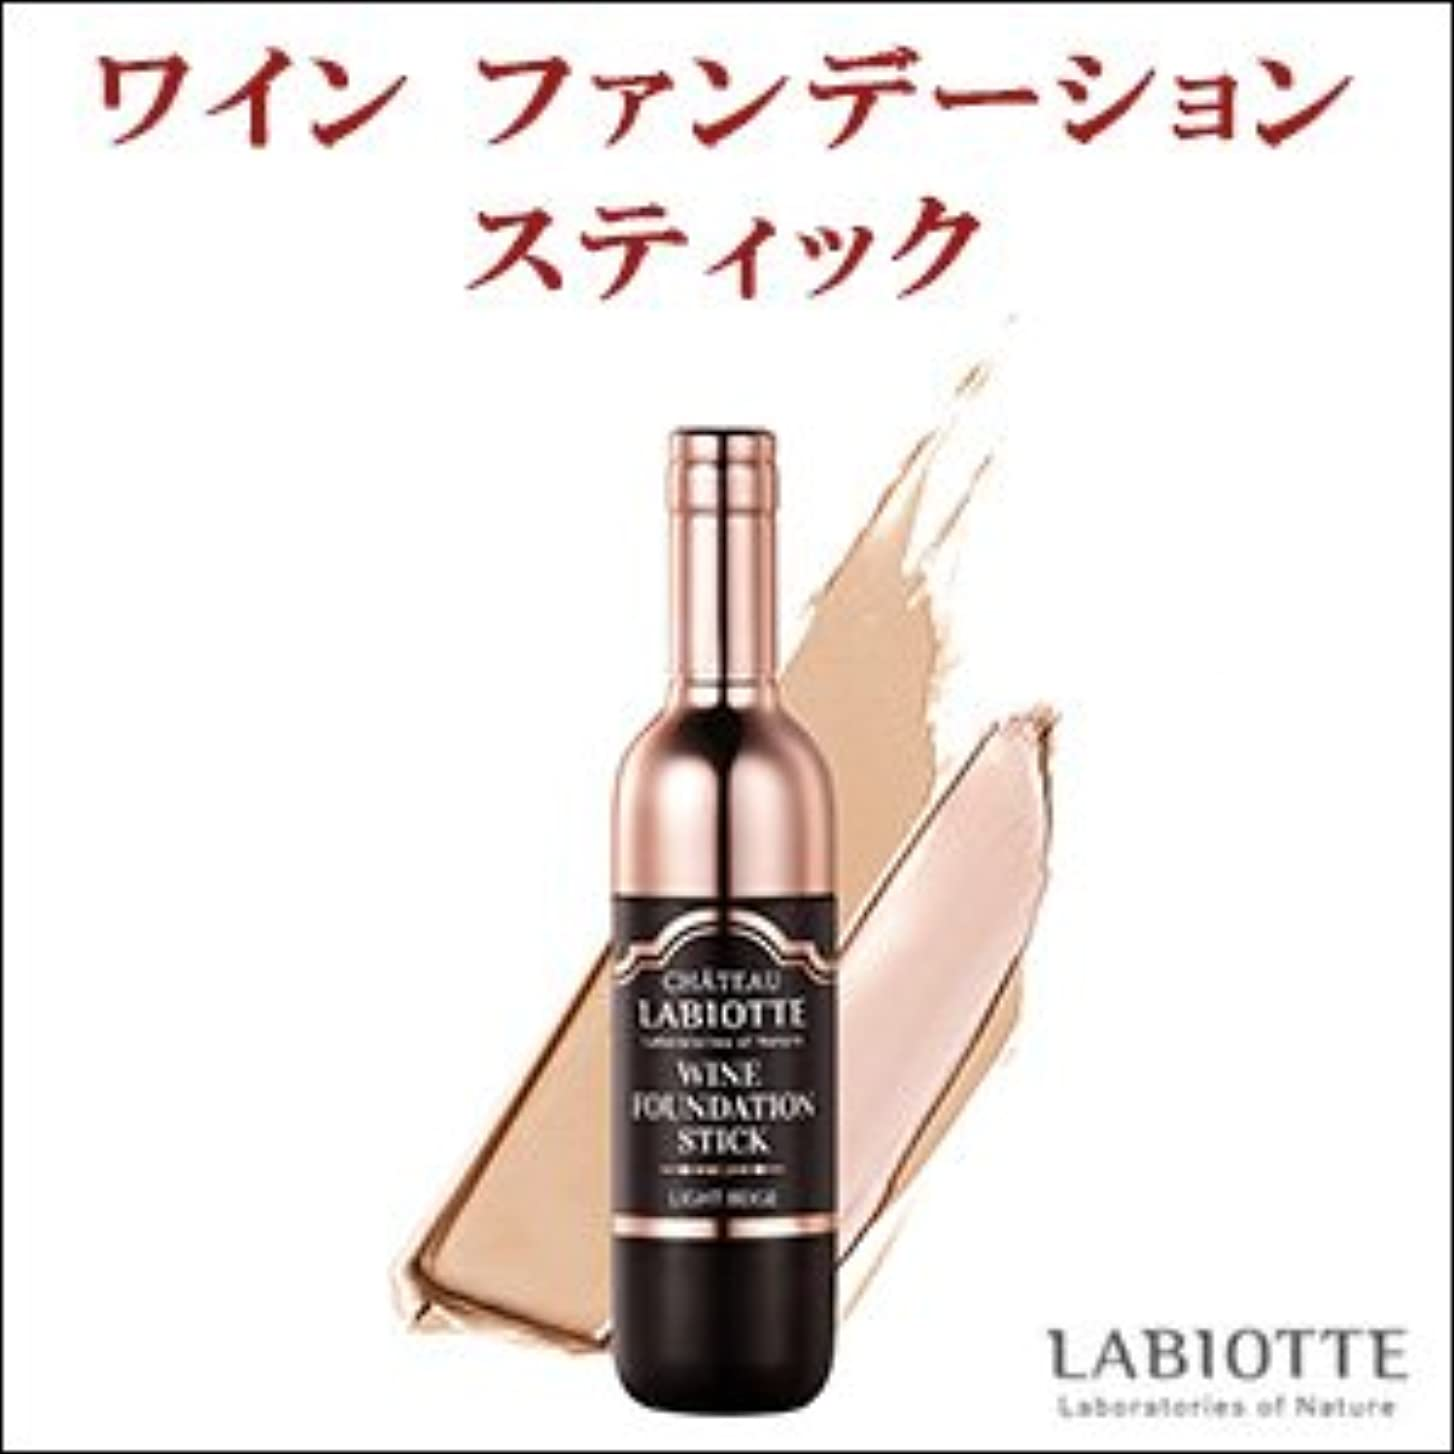 クラフト試用実行するLABIOTTE シャトー ラビオッテ ワイン ファンデーション スティック カラー:P21 ピンクベージュ